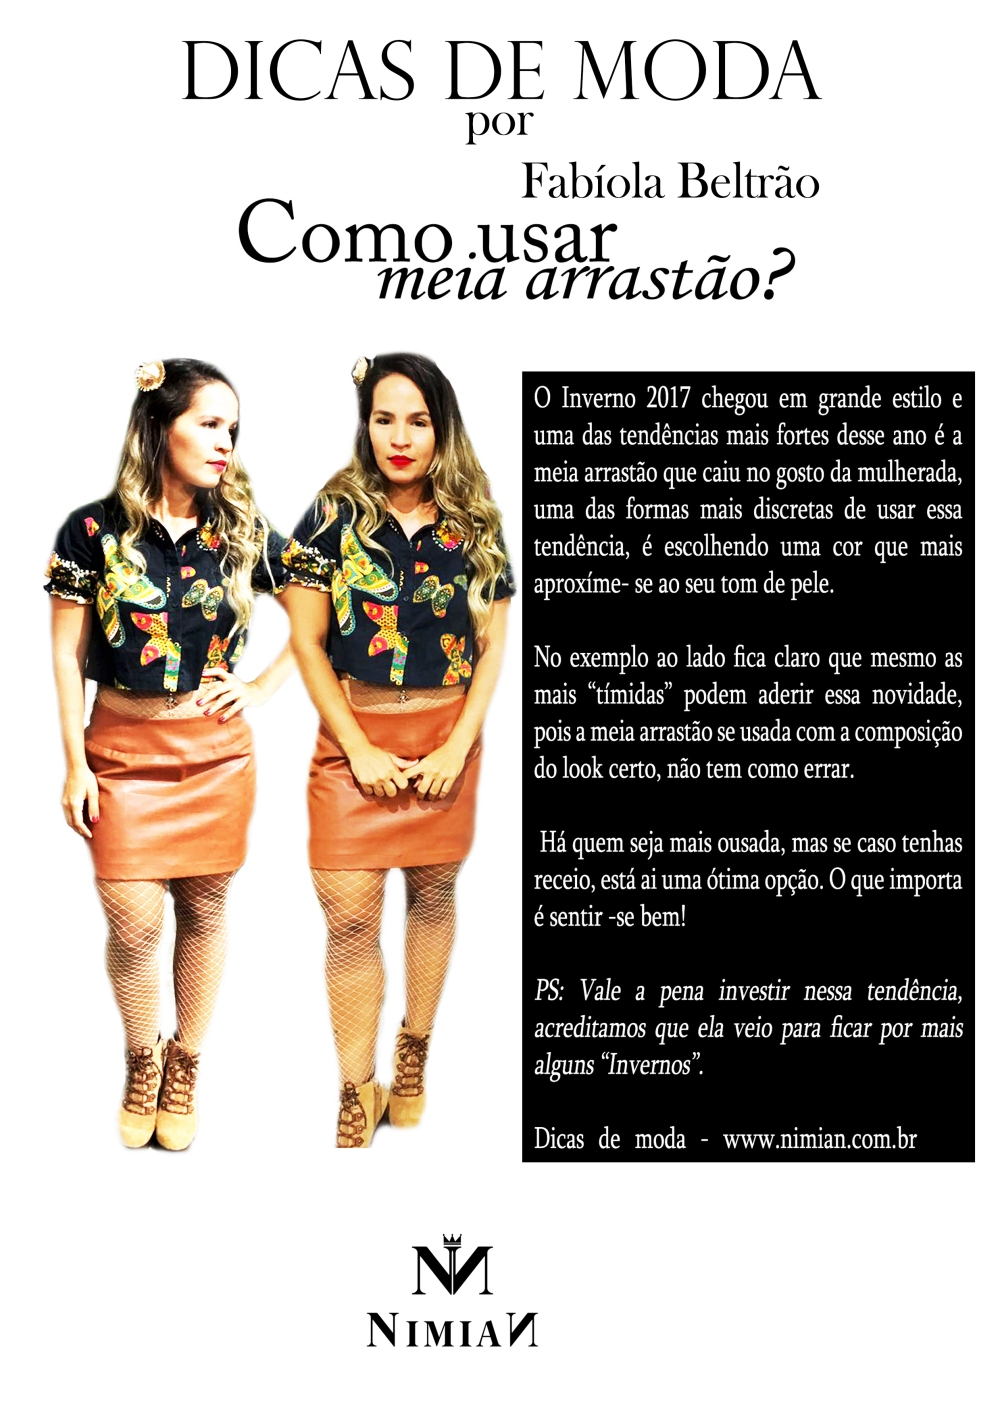 Fashion - Meia arrastão